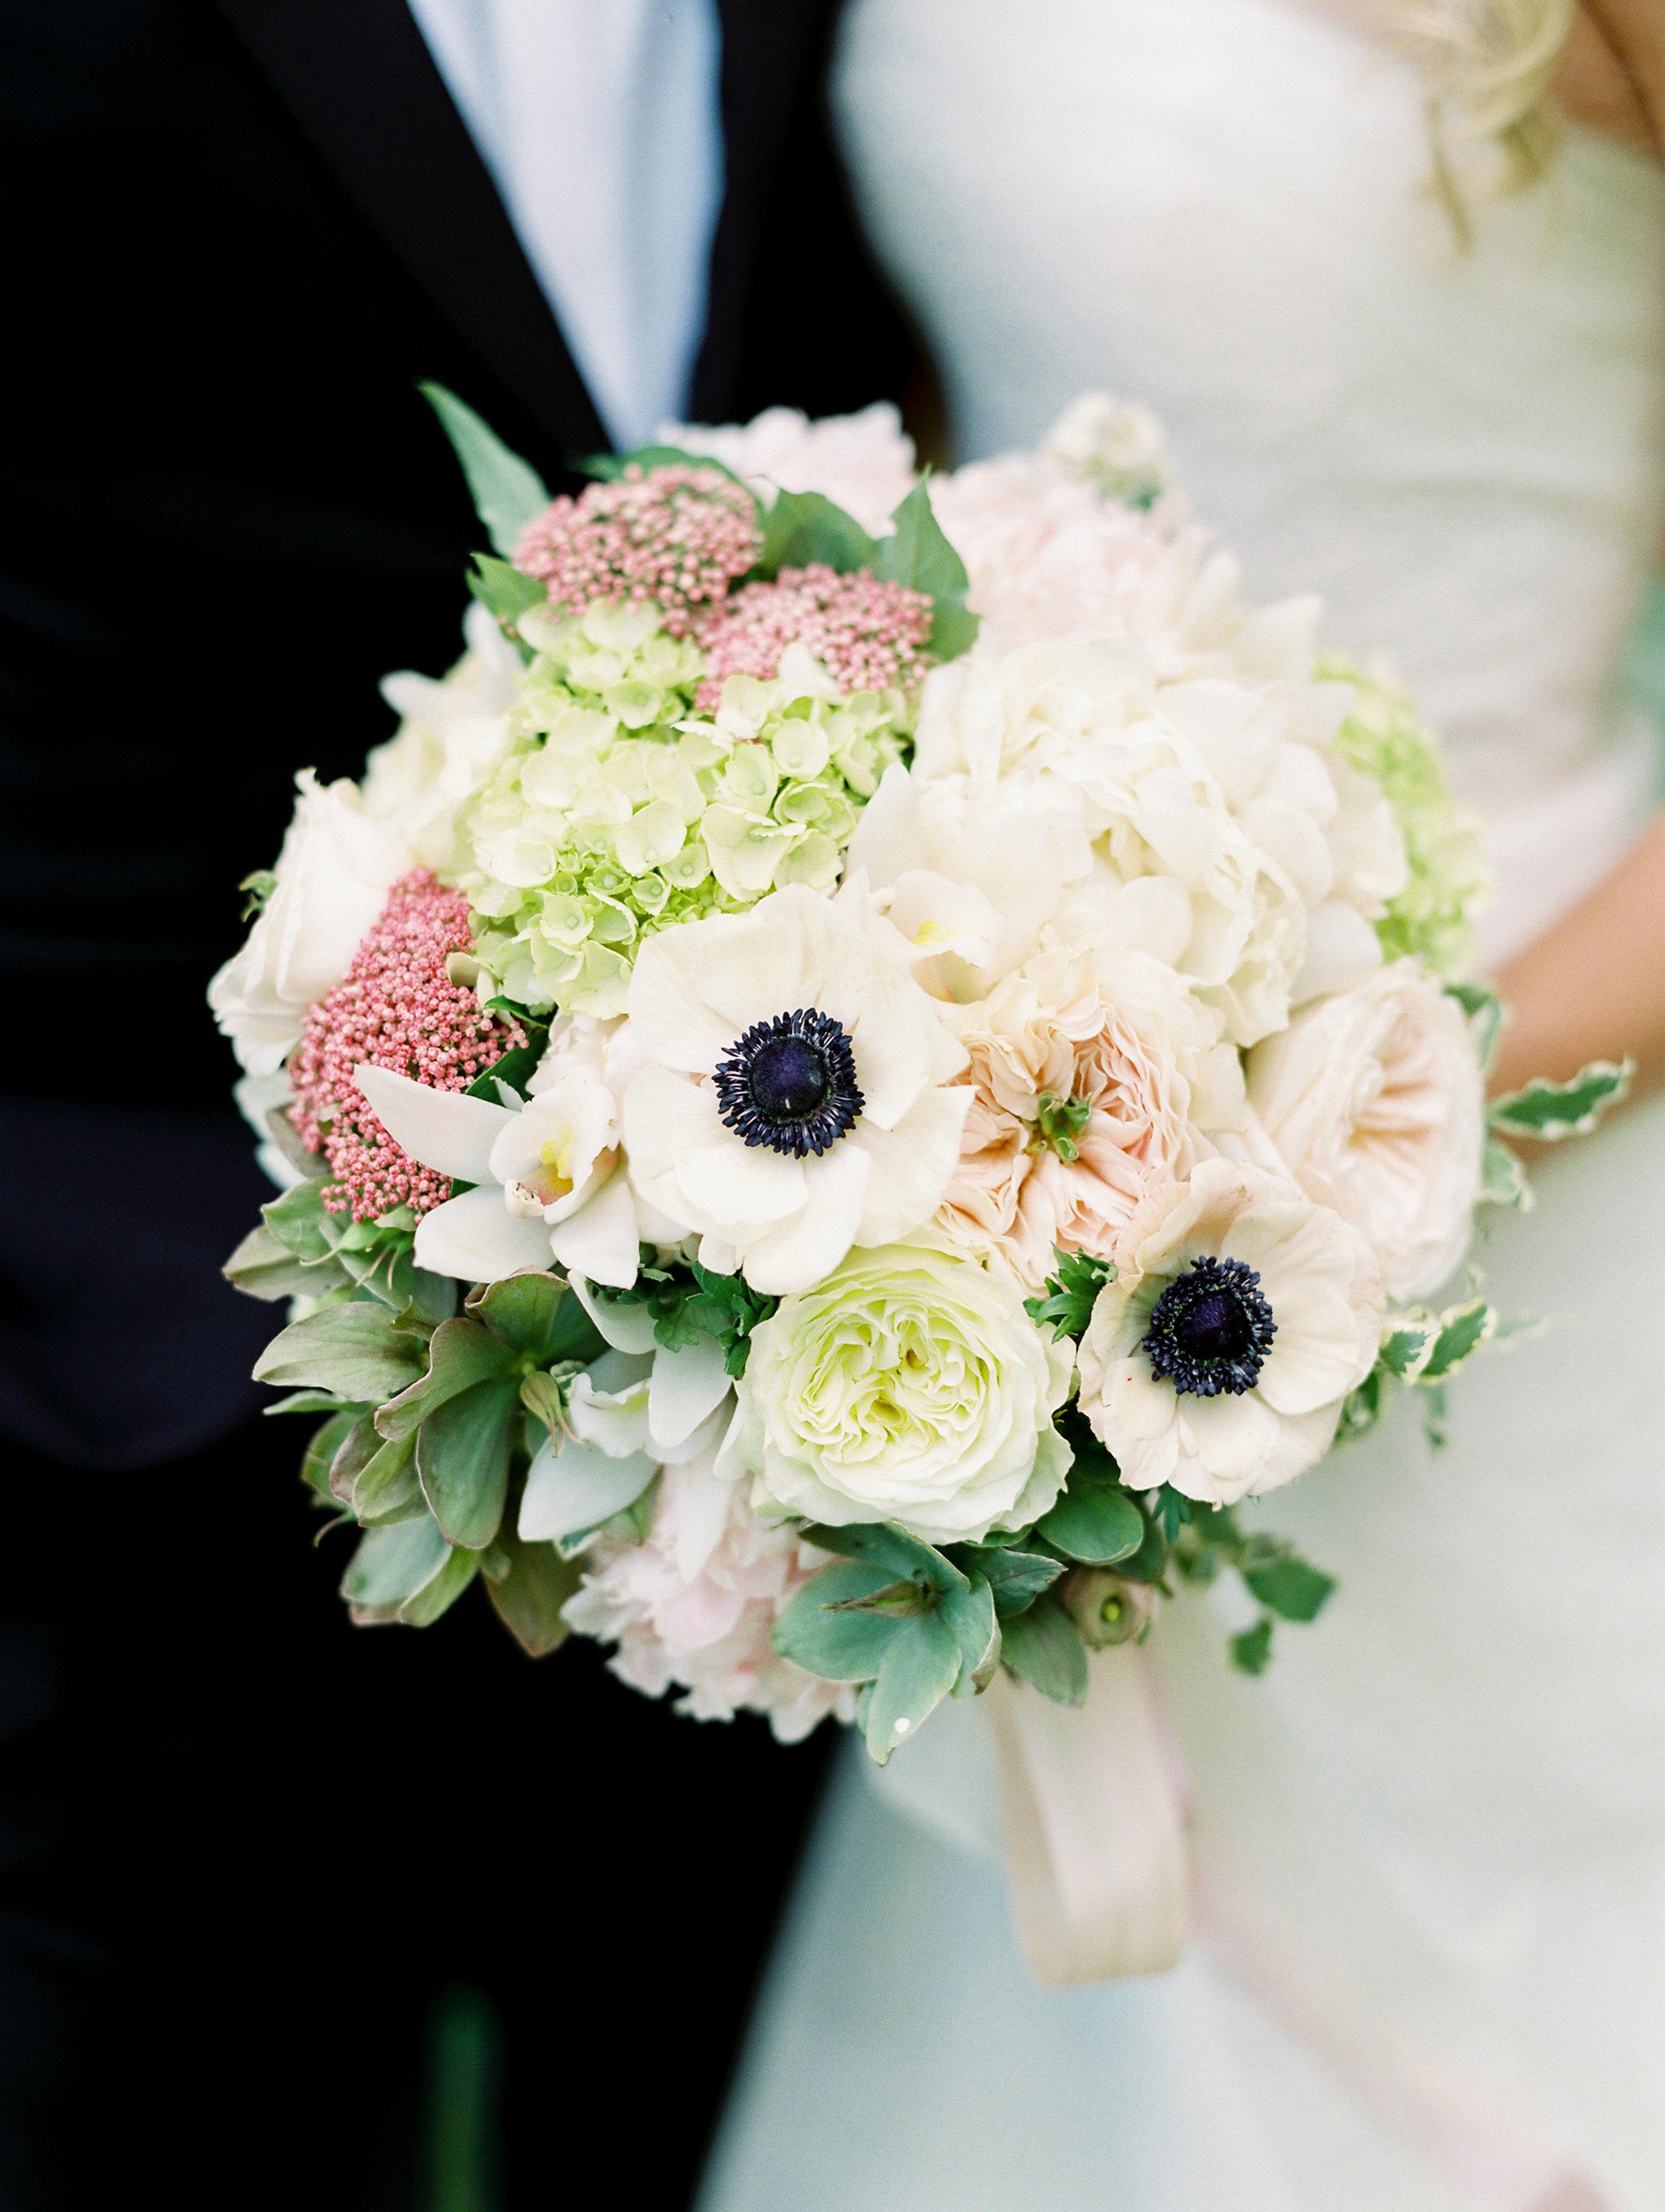 Coffman+Wedding+BrideGrooma-22.jpg